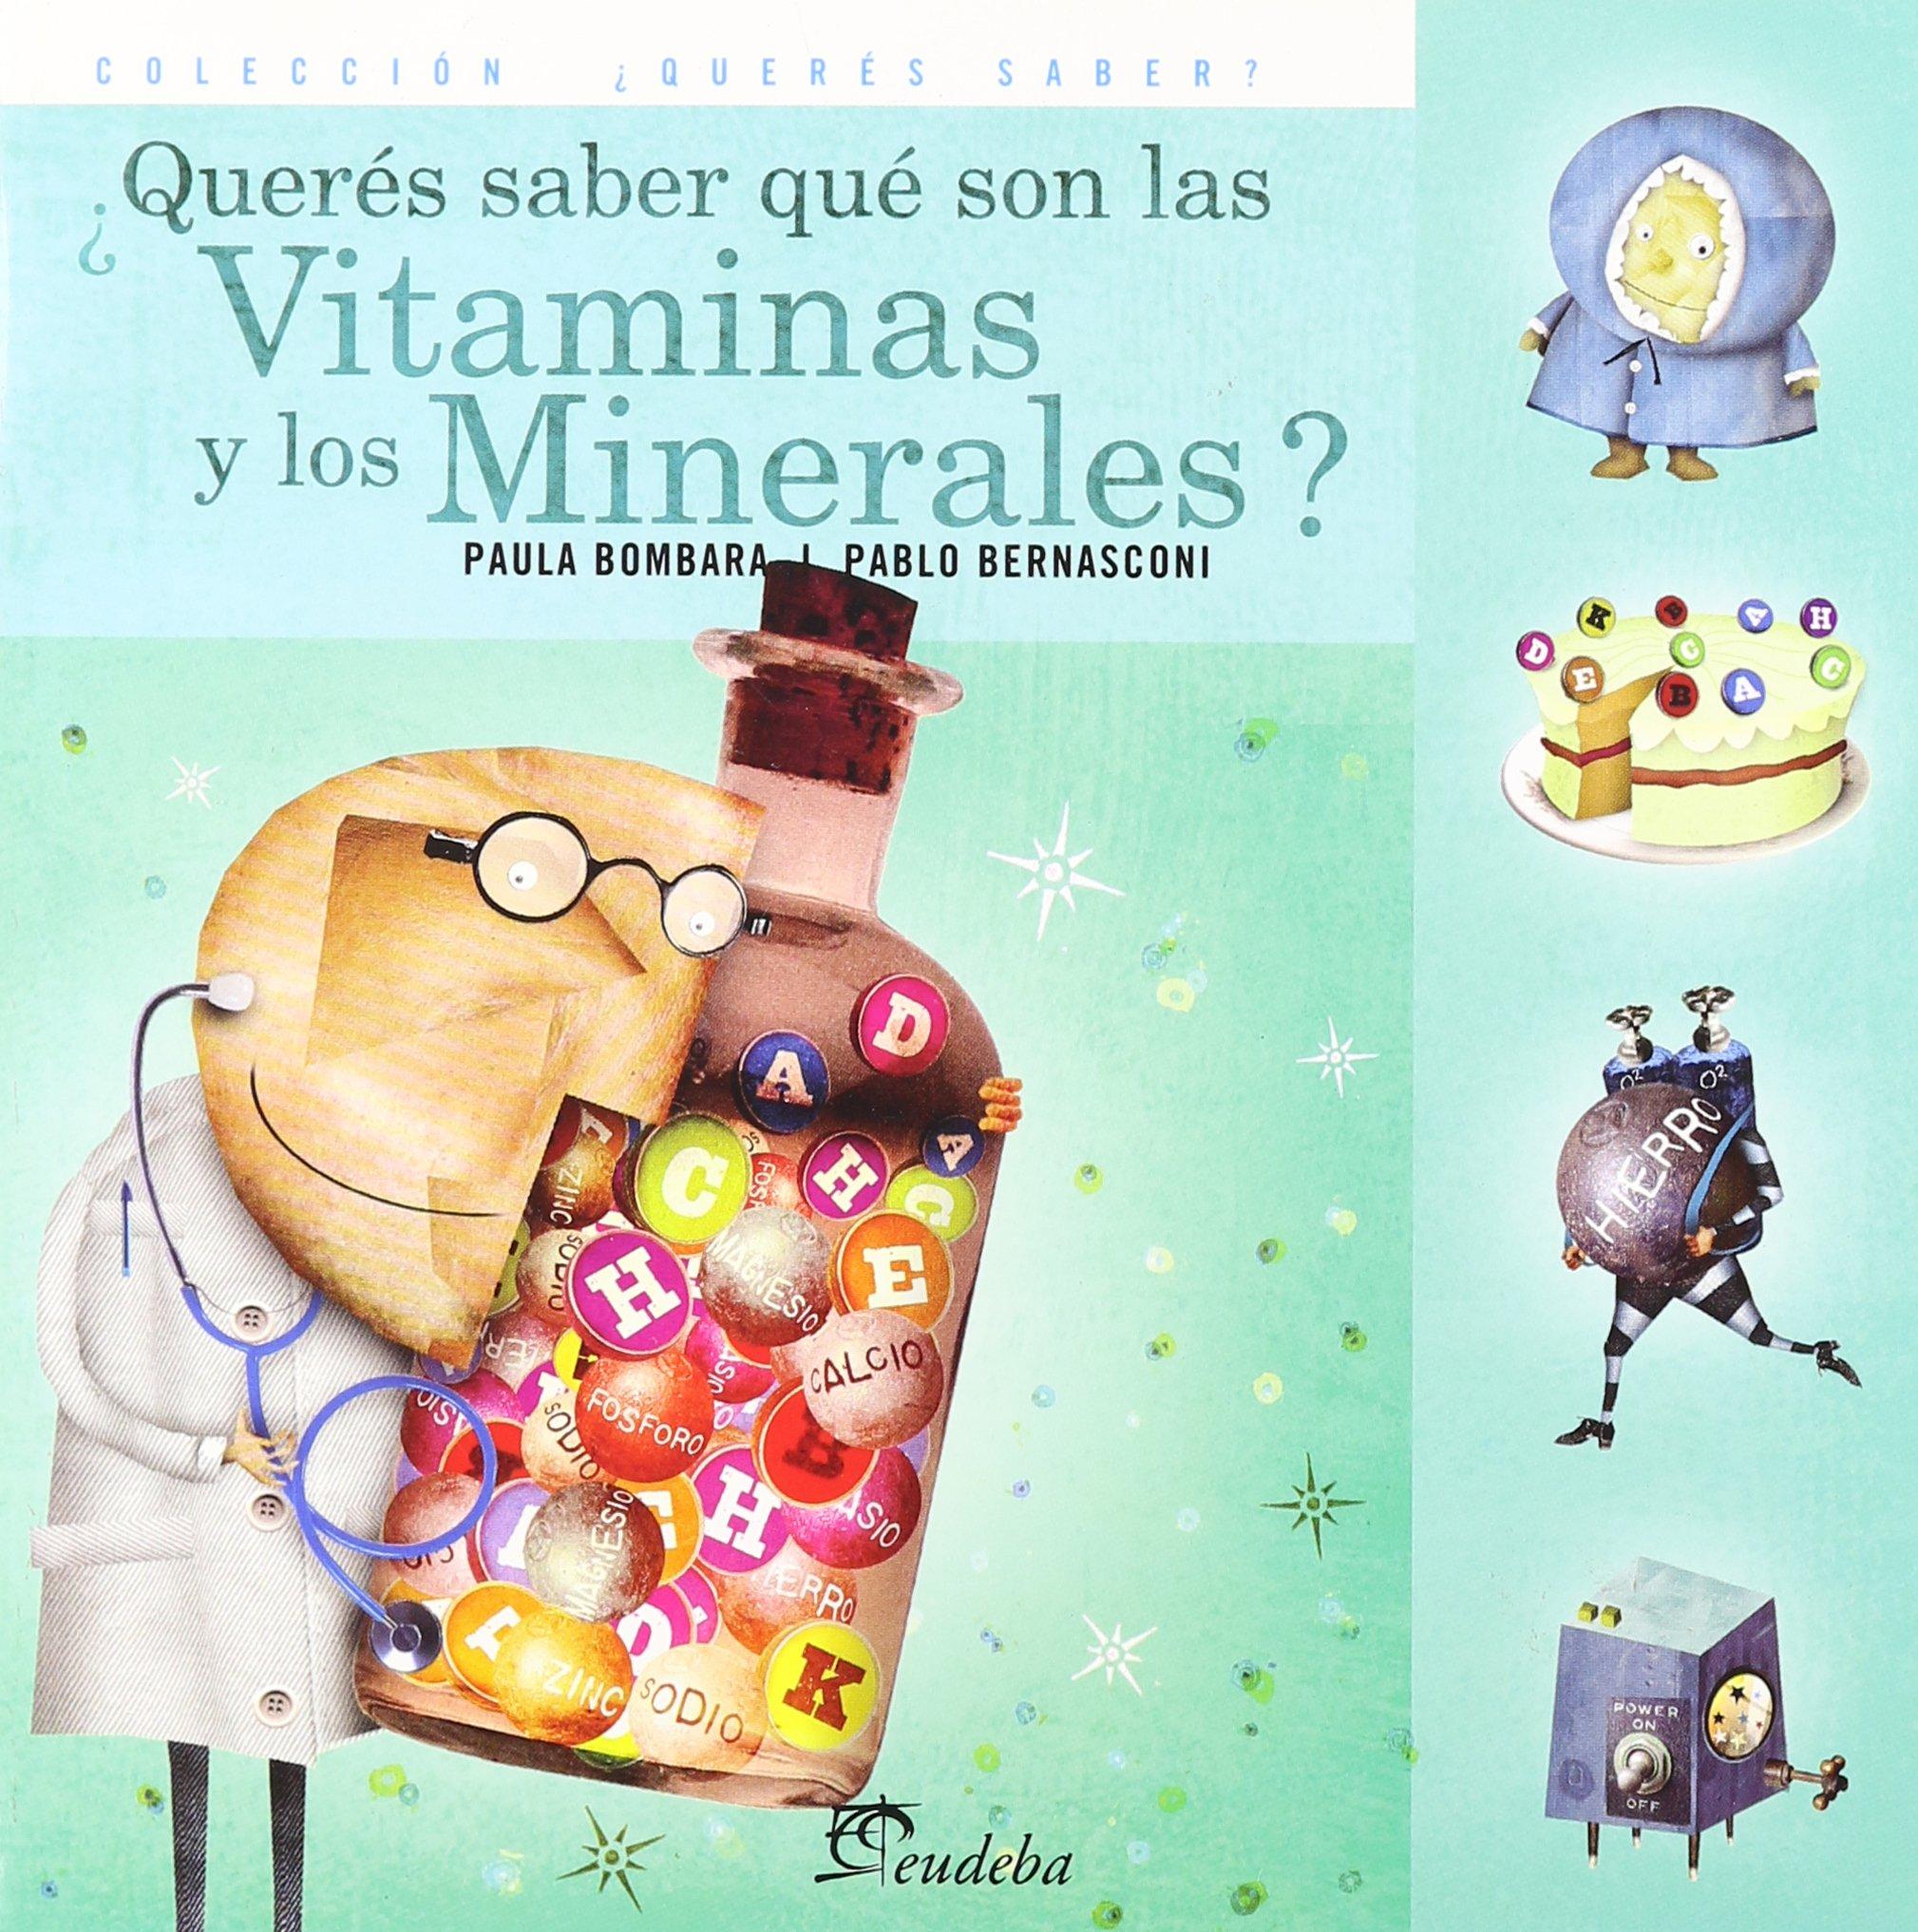 Queres Saber Que Son Las Vitaminas y Los Minerales? (Spanish Edition): Paula Bombara, Pablo Bernasconi: 9789502313290: Amazon.com: Books